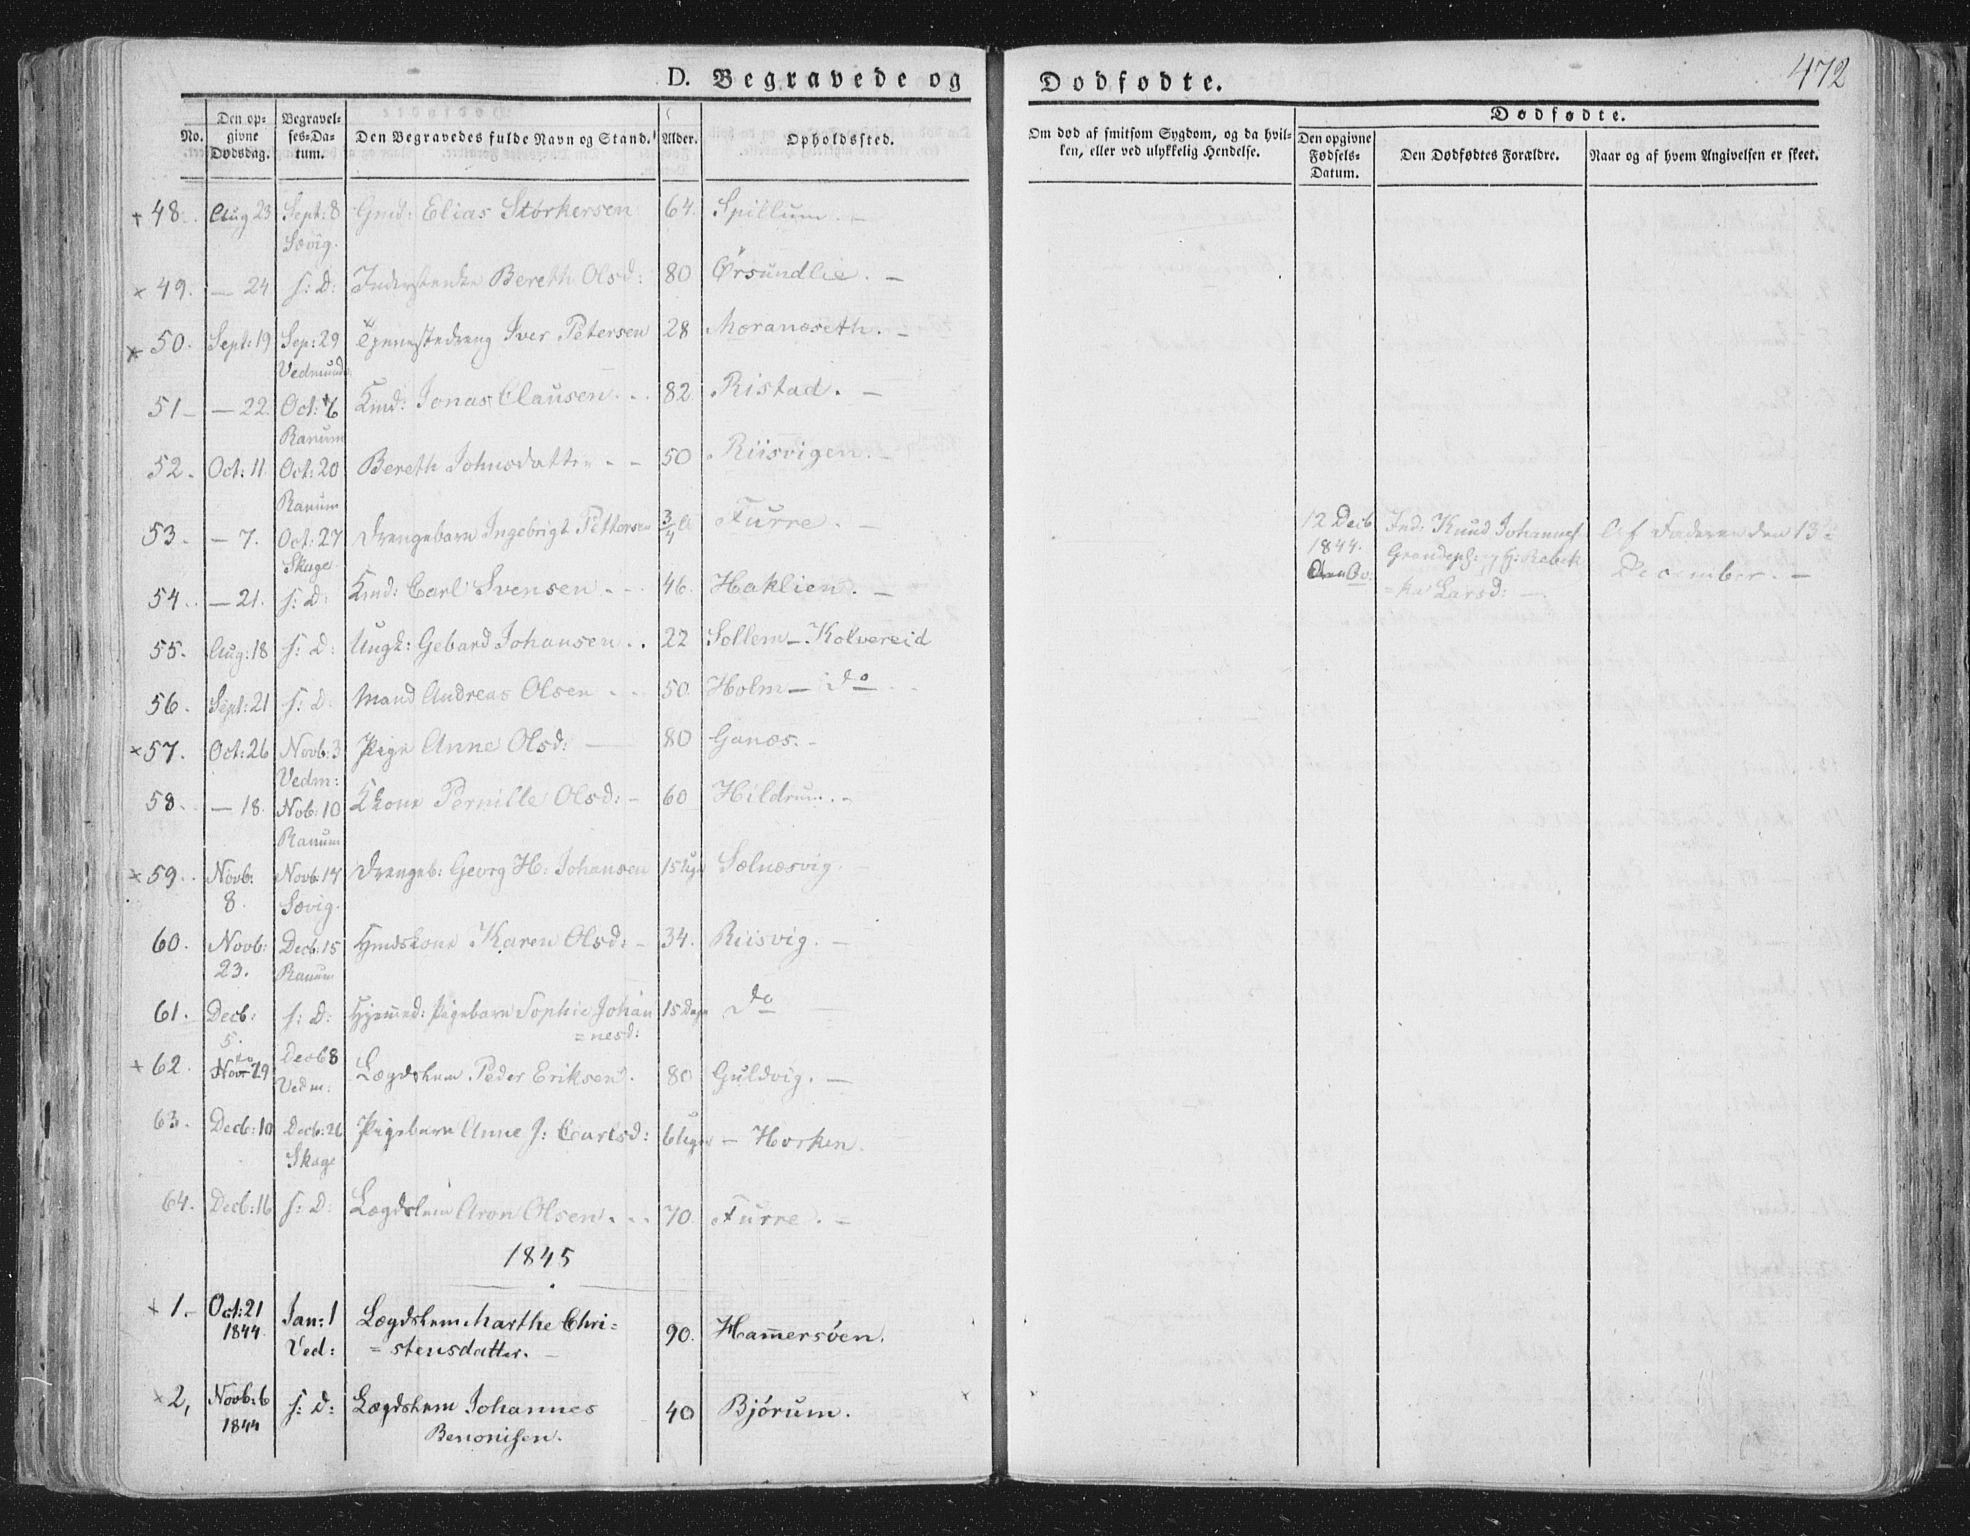 SAT, Ministerialprotokoller, klokkerbøker og fødselsregistre - Nord-Trøndelag, 764/L0552: Ministerialbok nr. 764A07b, 1824-1865, s. 472